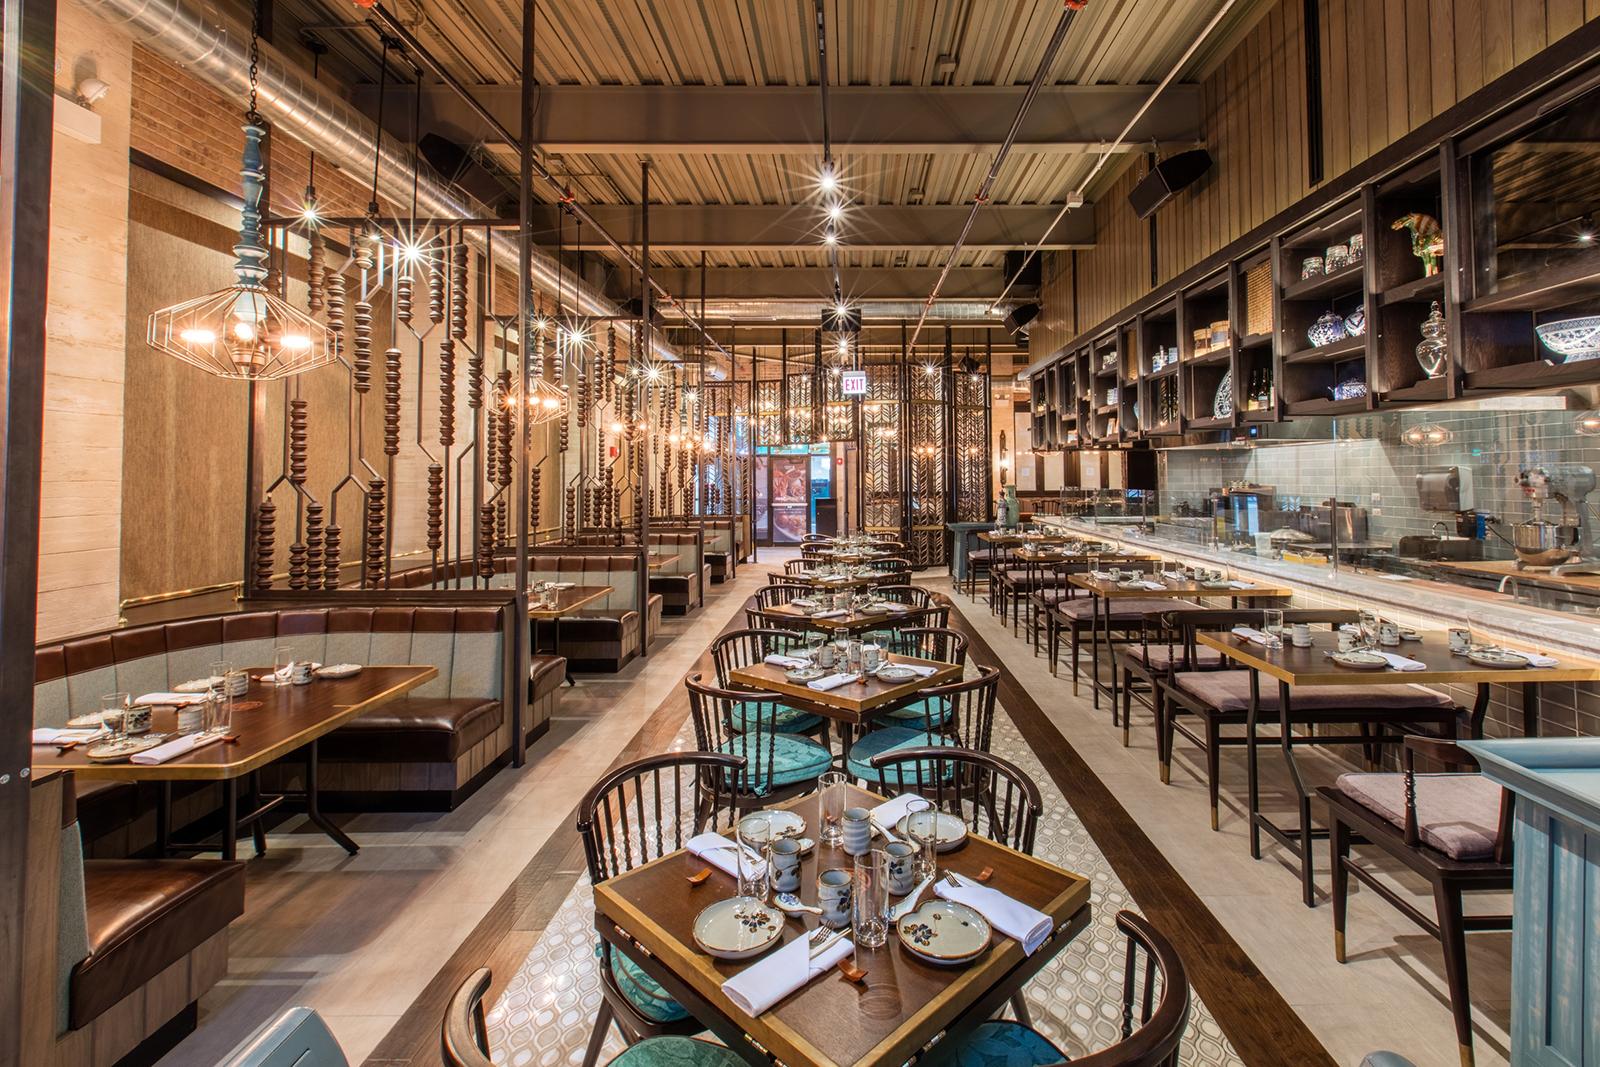 imperial-main-dining-room-2.jpg